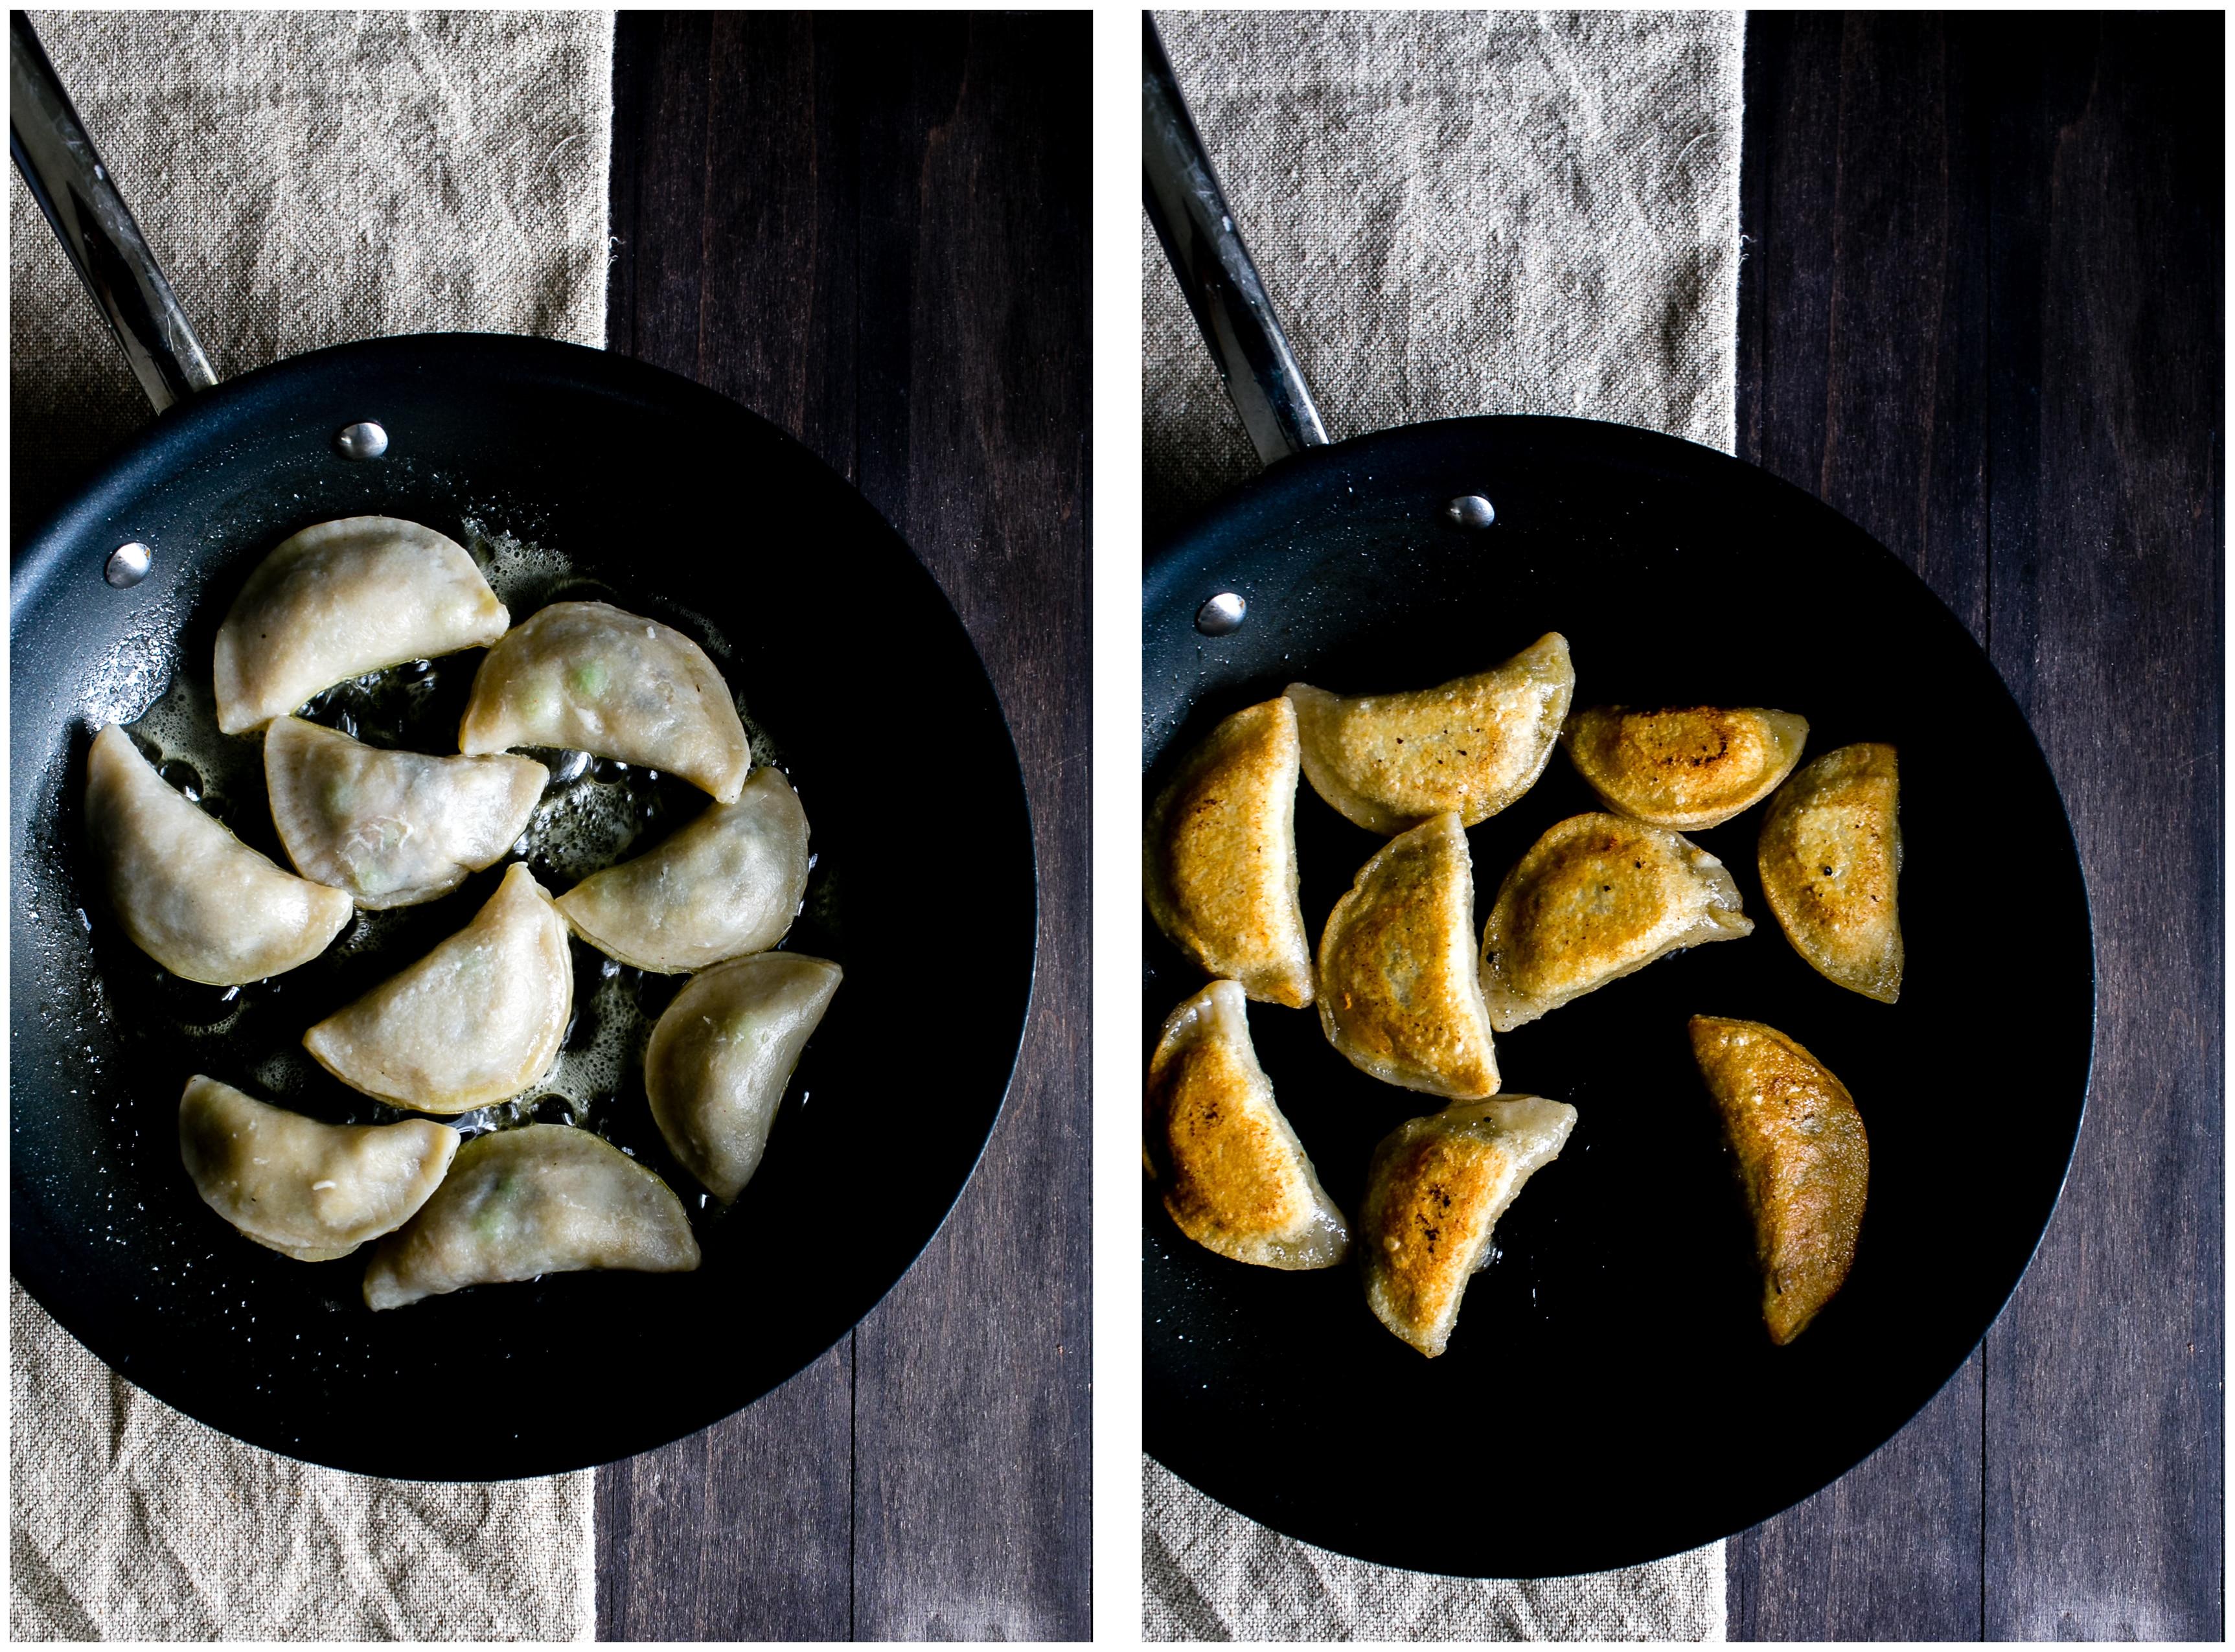 Frying Pierogies in a nonstick pan.